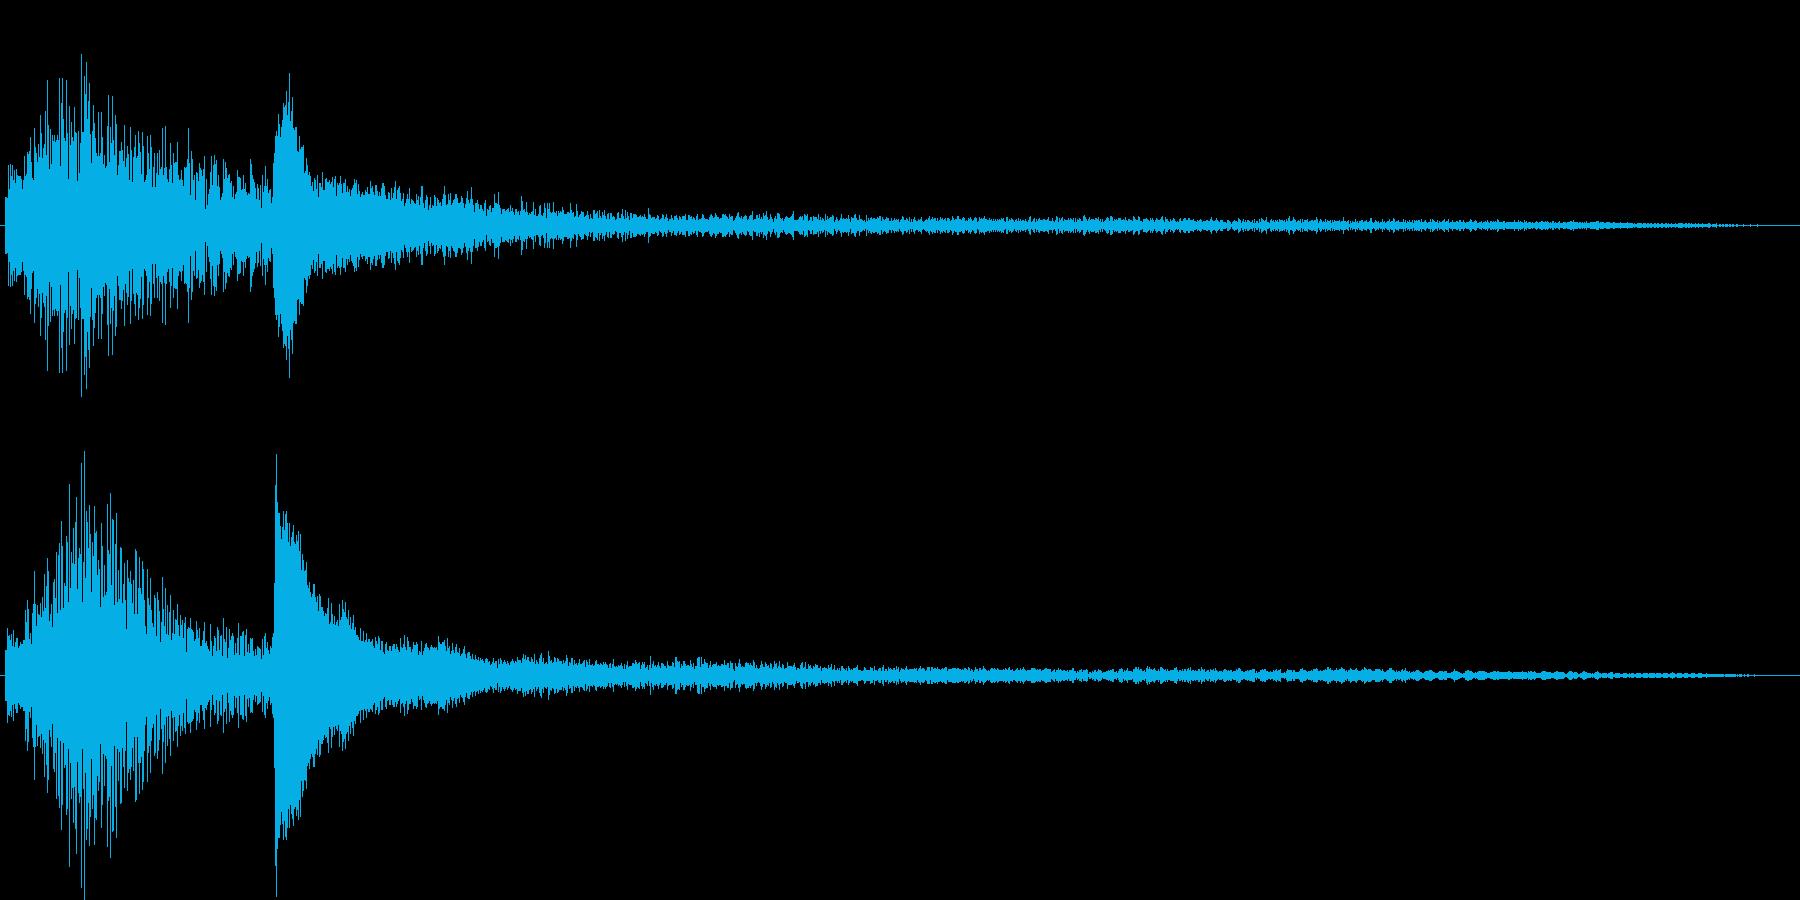 暗いマリンバとピアノ音の再生済みの波形